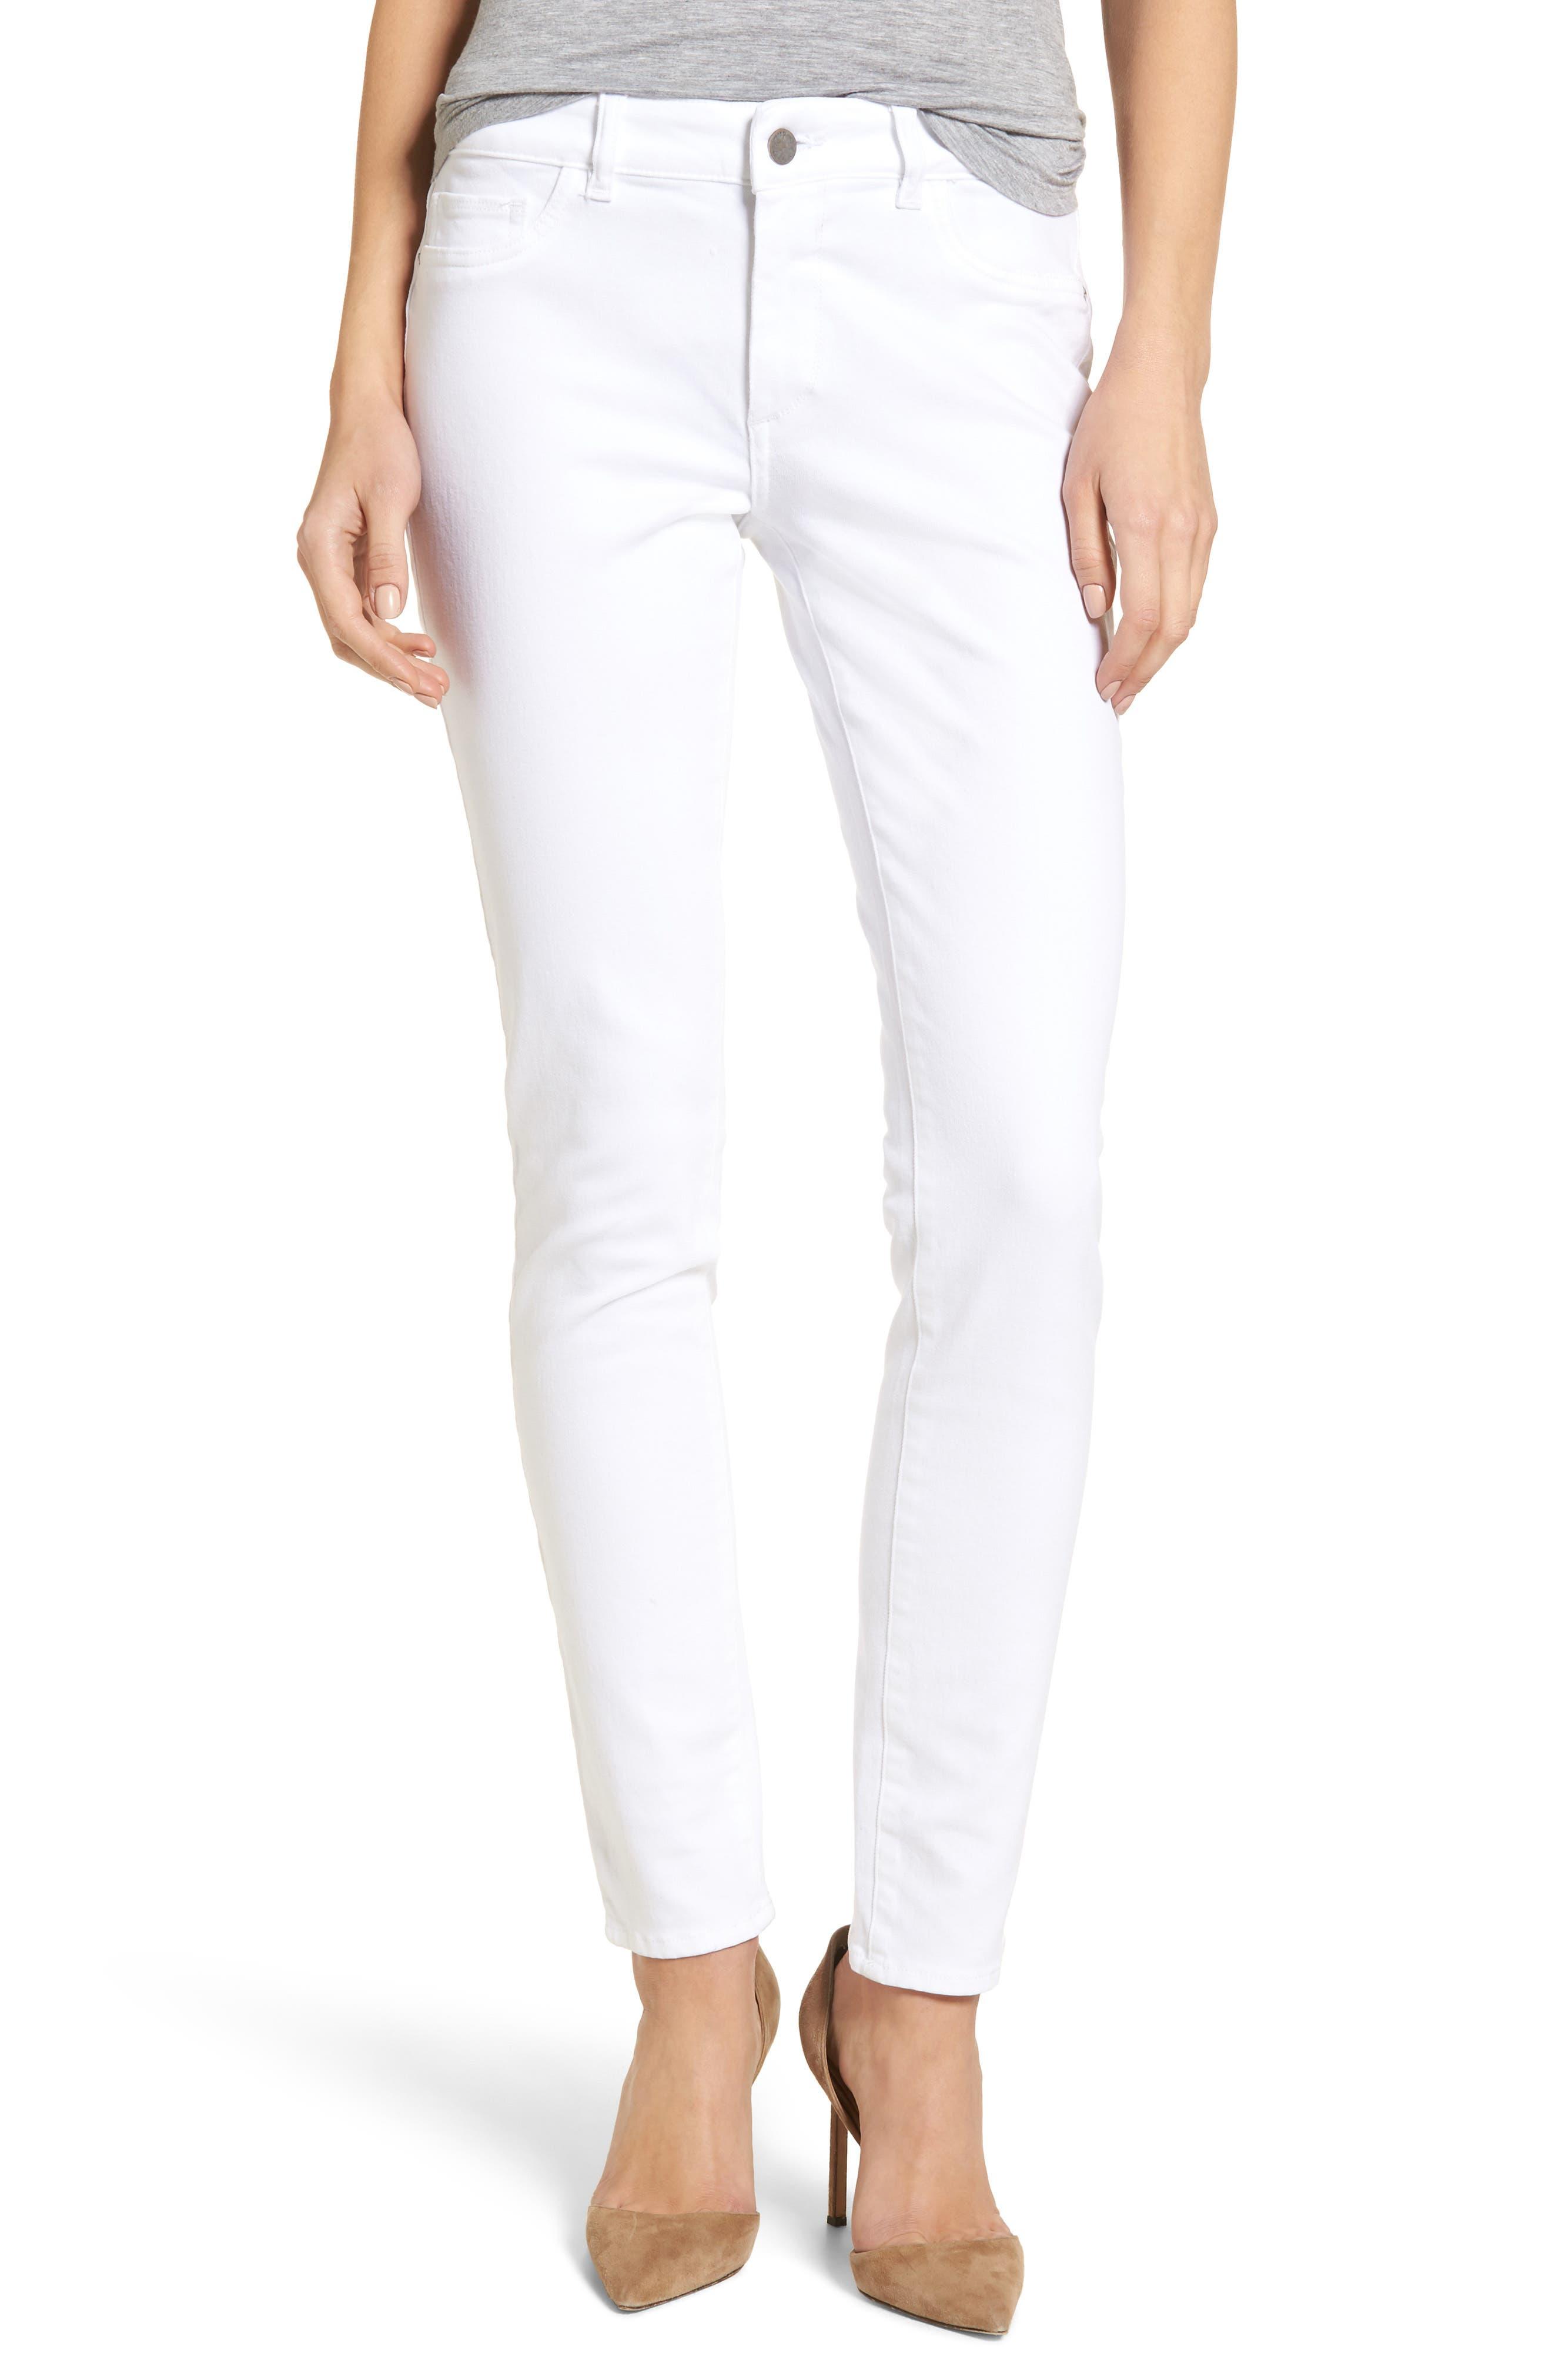 Alternate Image 1 Selected - DL1961 Florence Skinny Jeans (Porcelain)